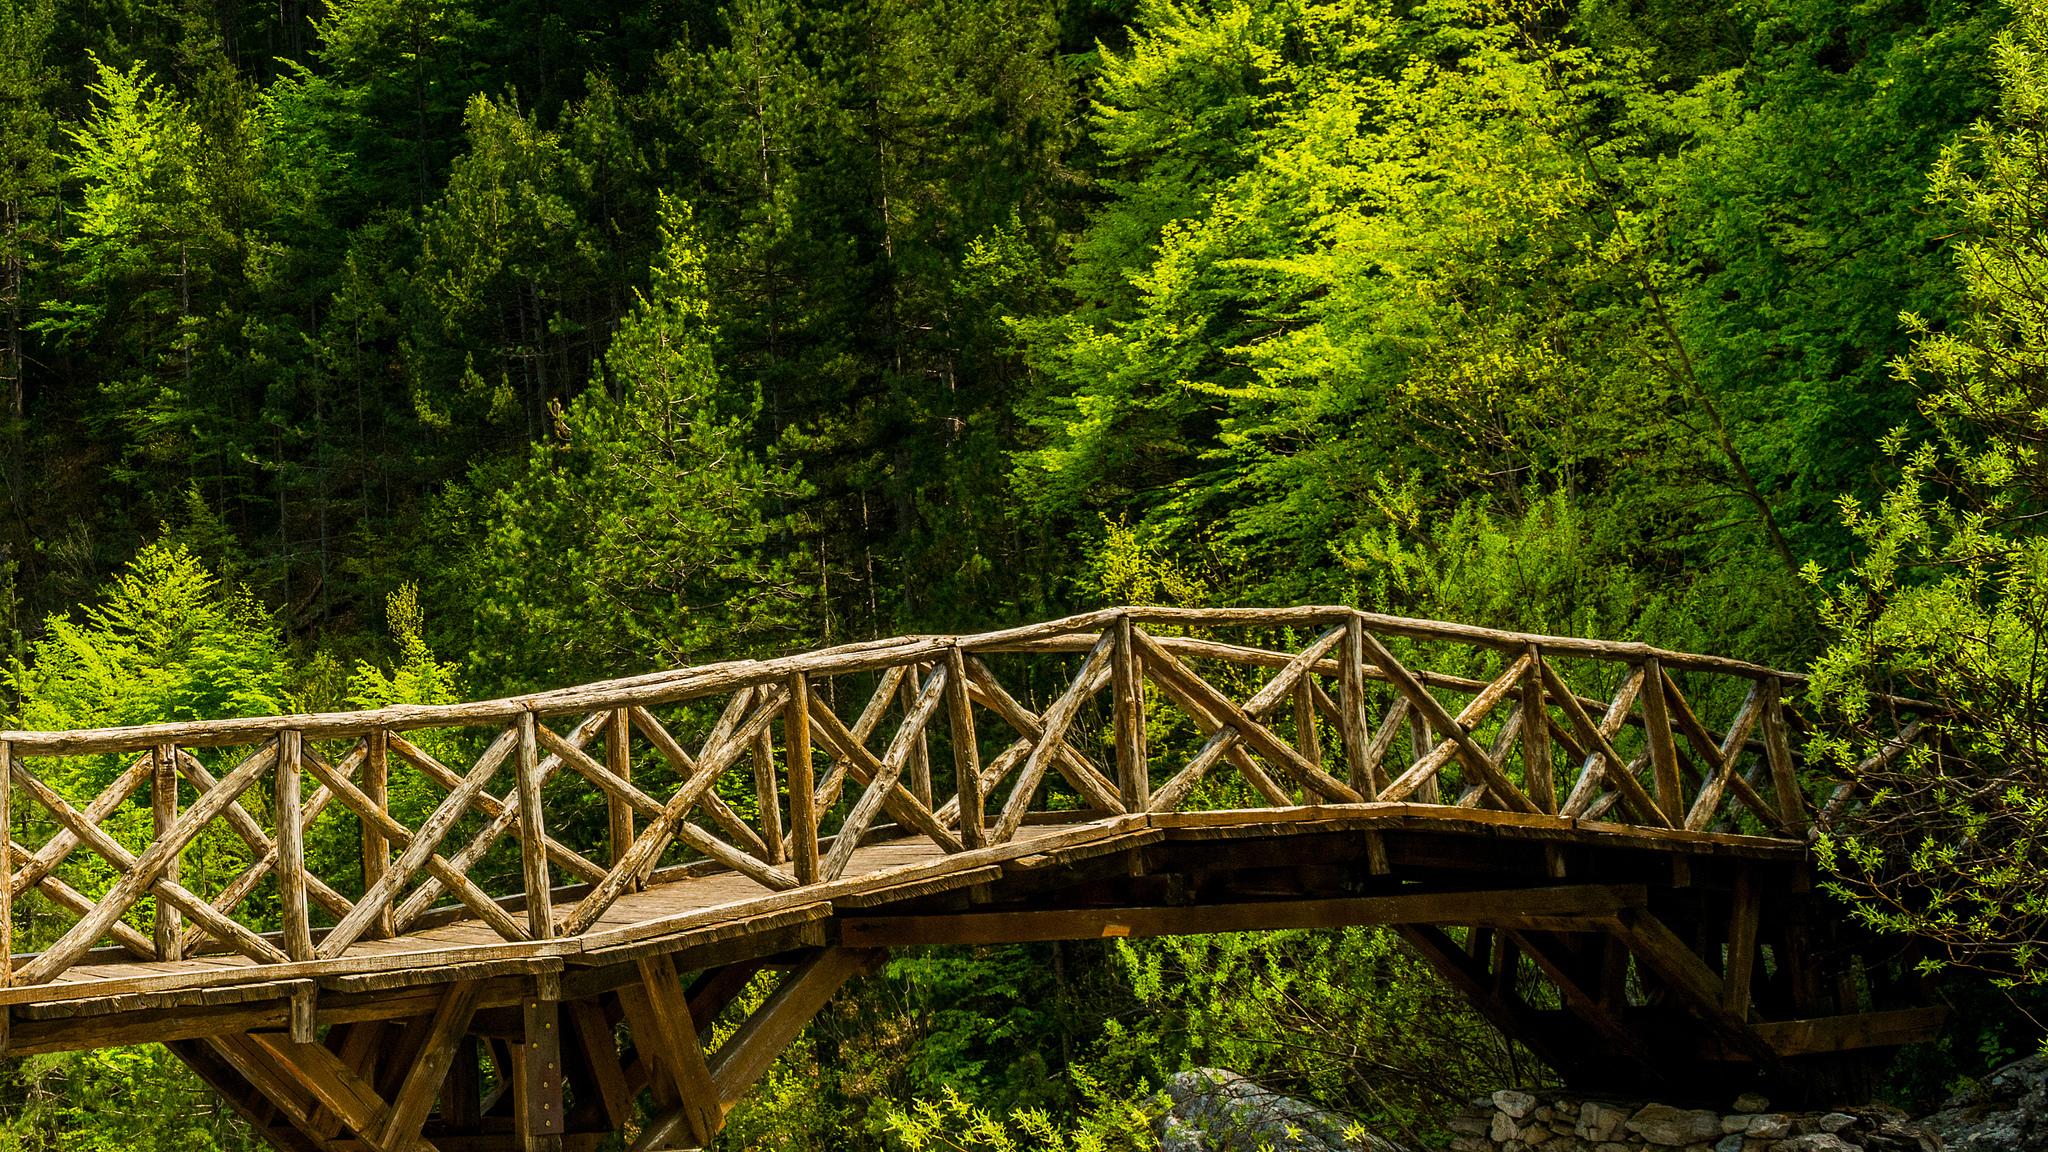 картинки три дома река мост деревья ранней биографии